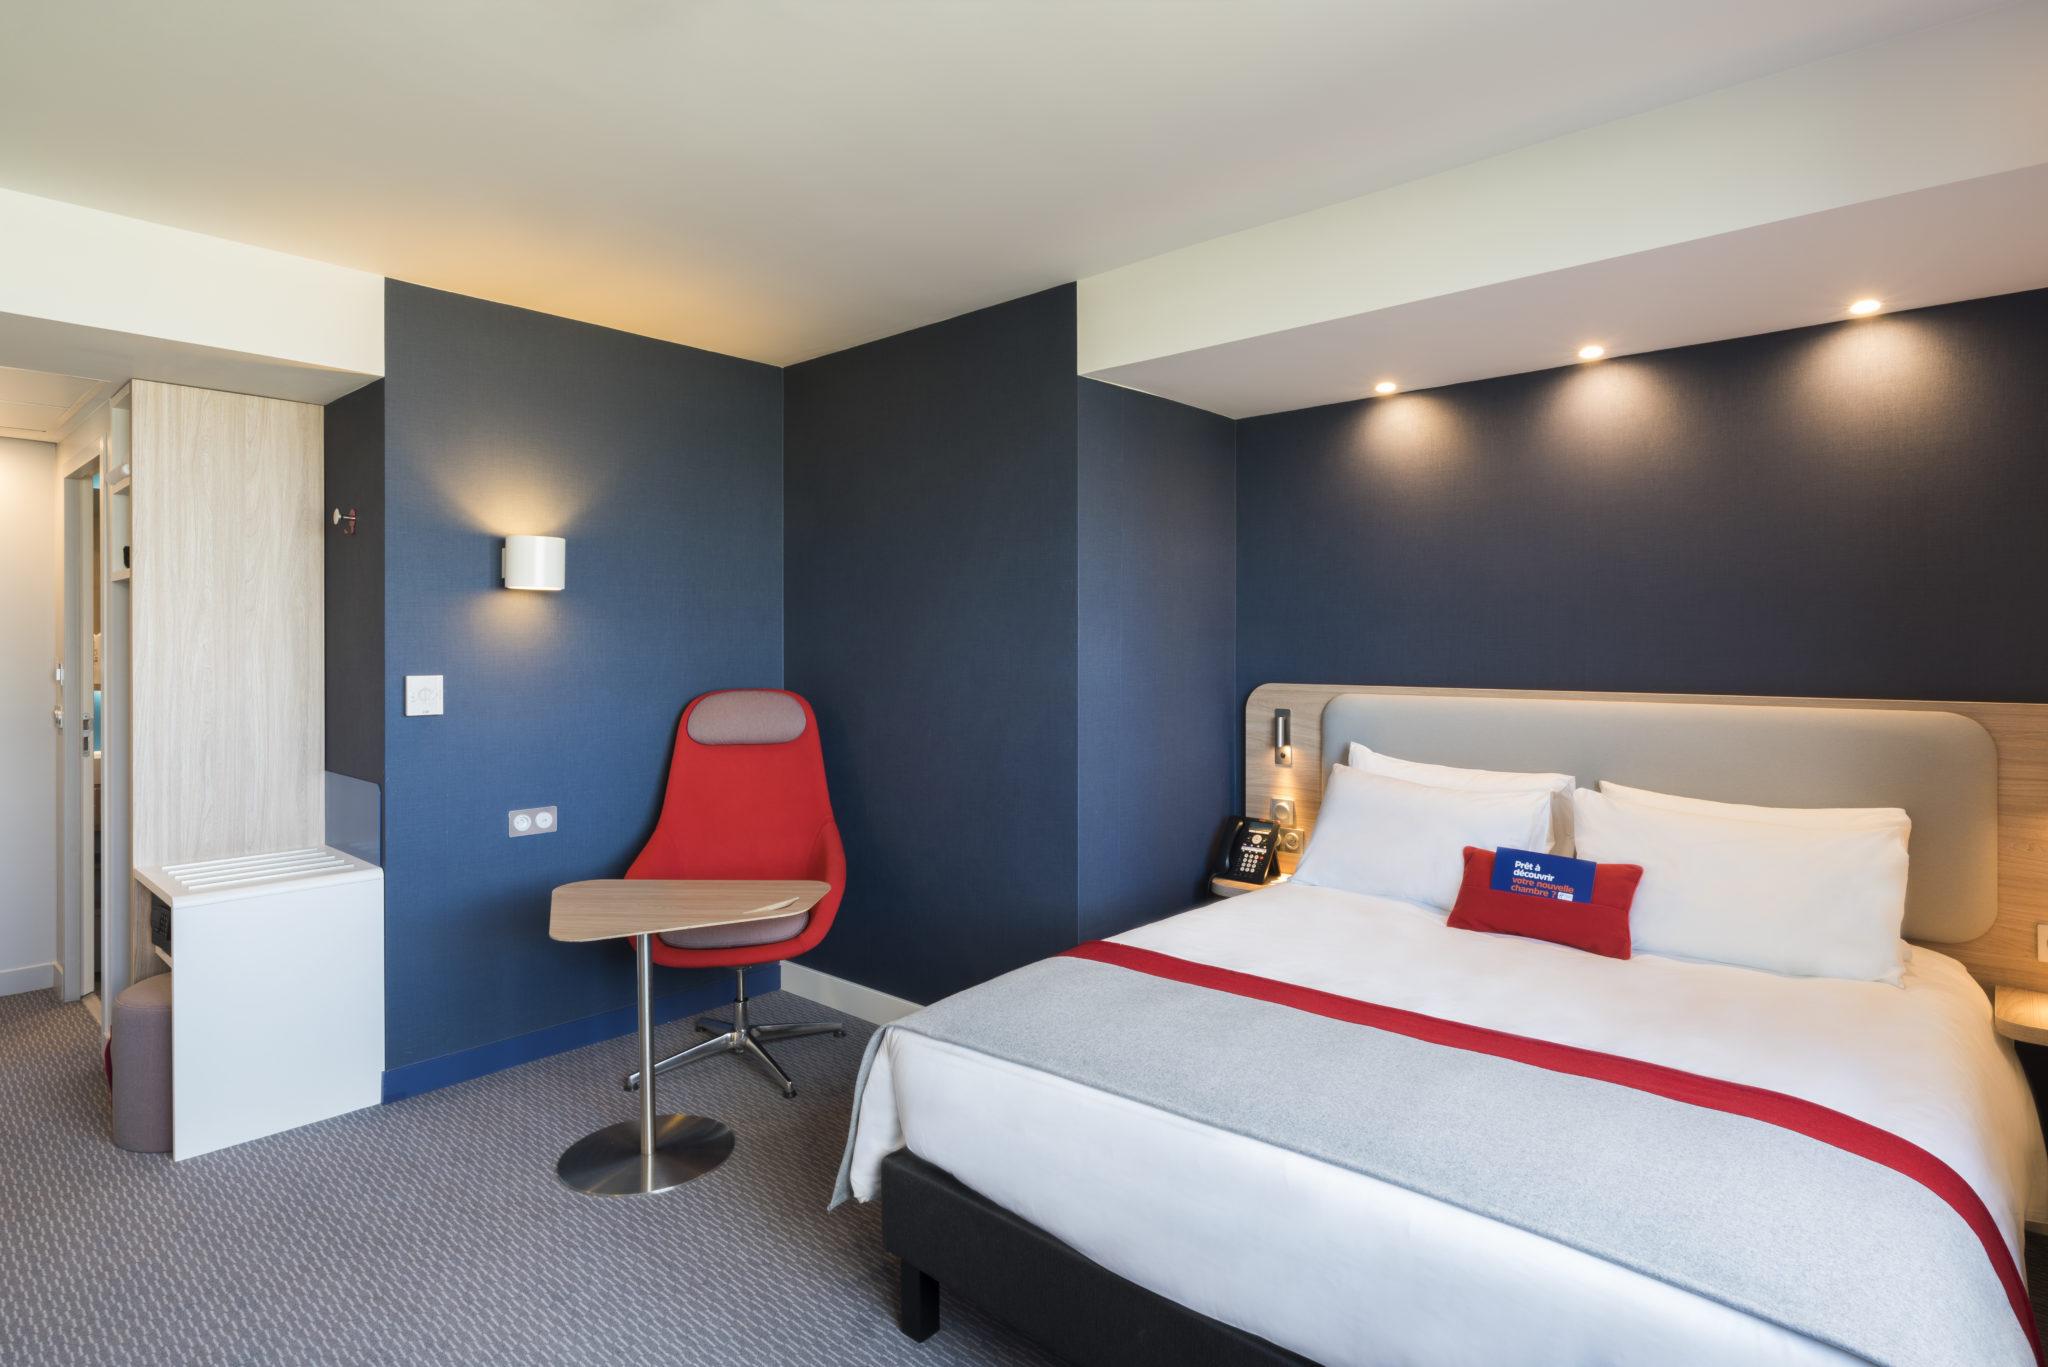 Holiday Inn Express Paris - CDG Airport (11)